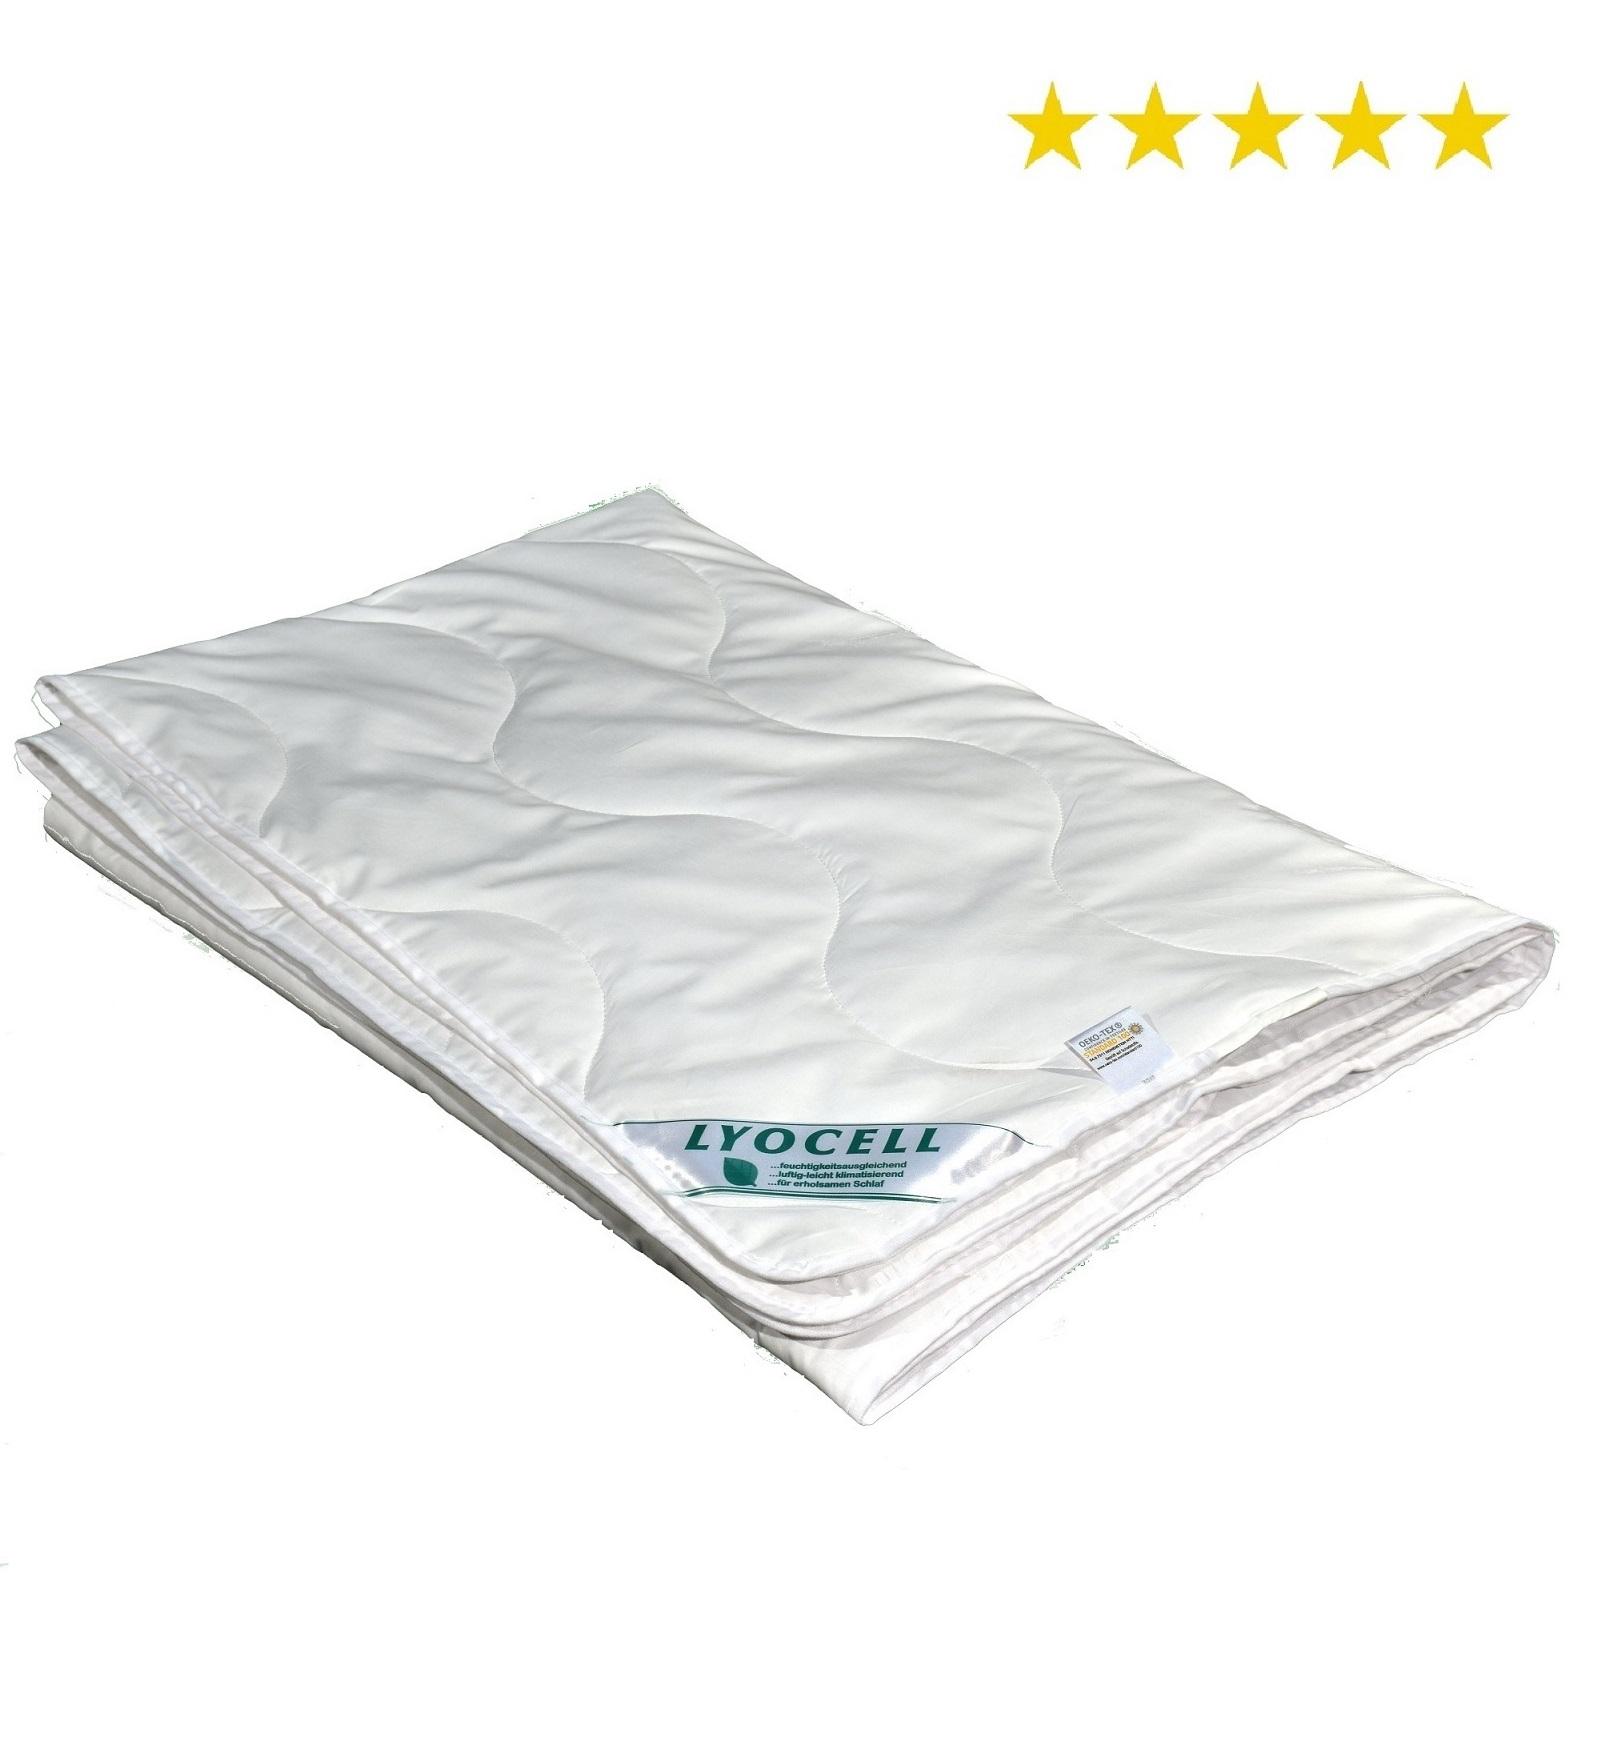 Sommerdecke super leicht Lyocell Tencel Sommerhit 100% Natur 200x220 cm 575 g FG